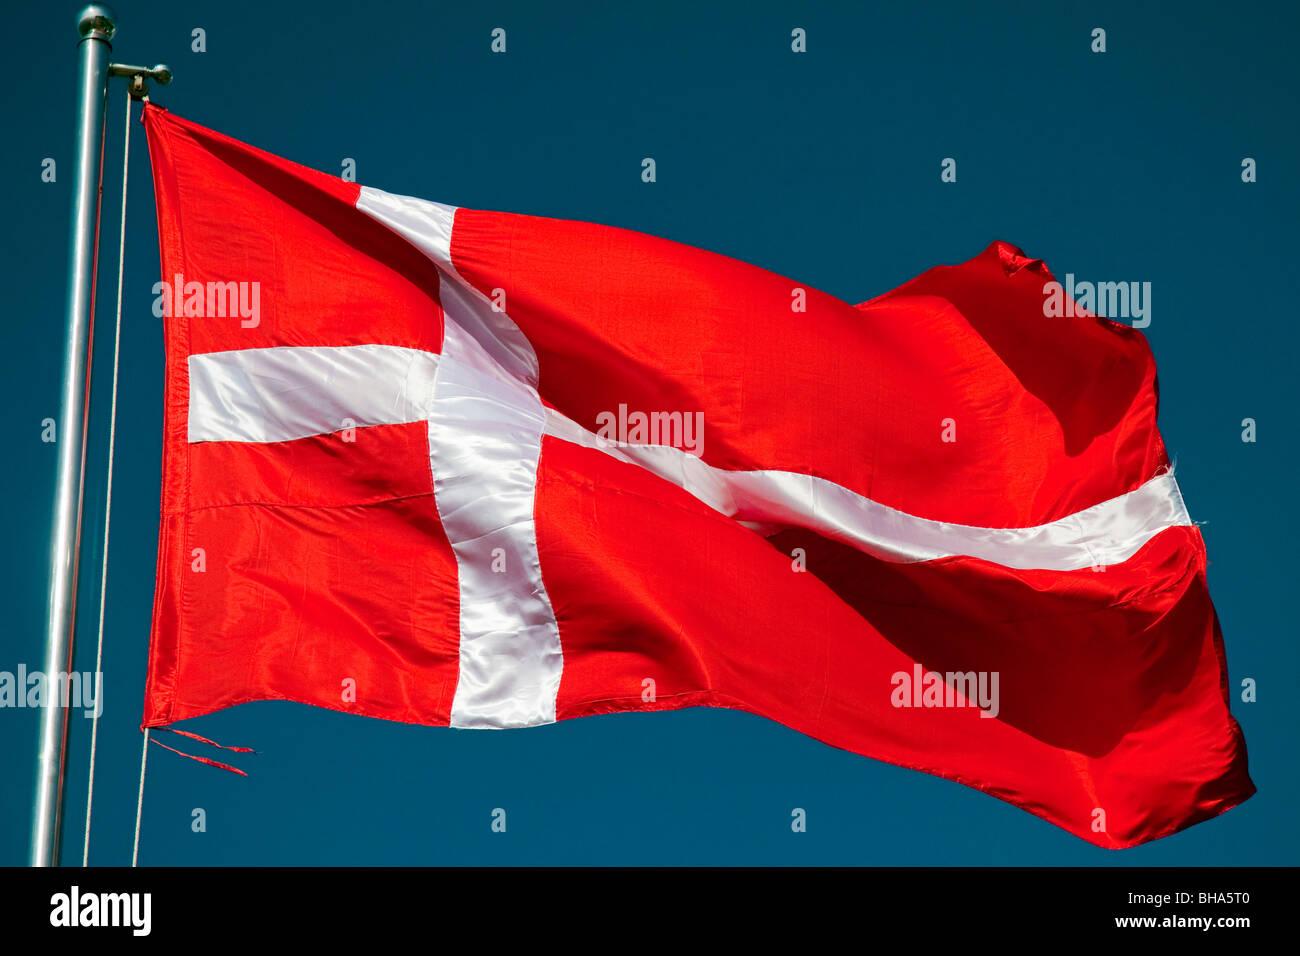 Flag of Denmark - Stock Image